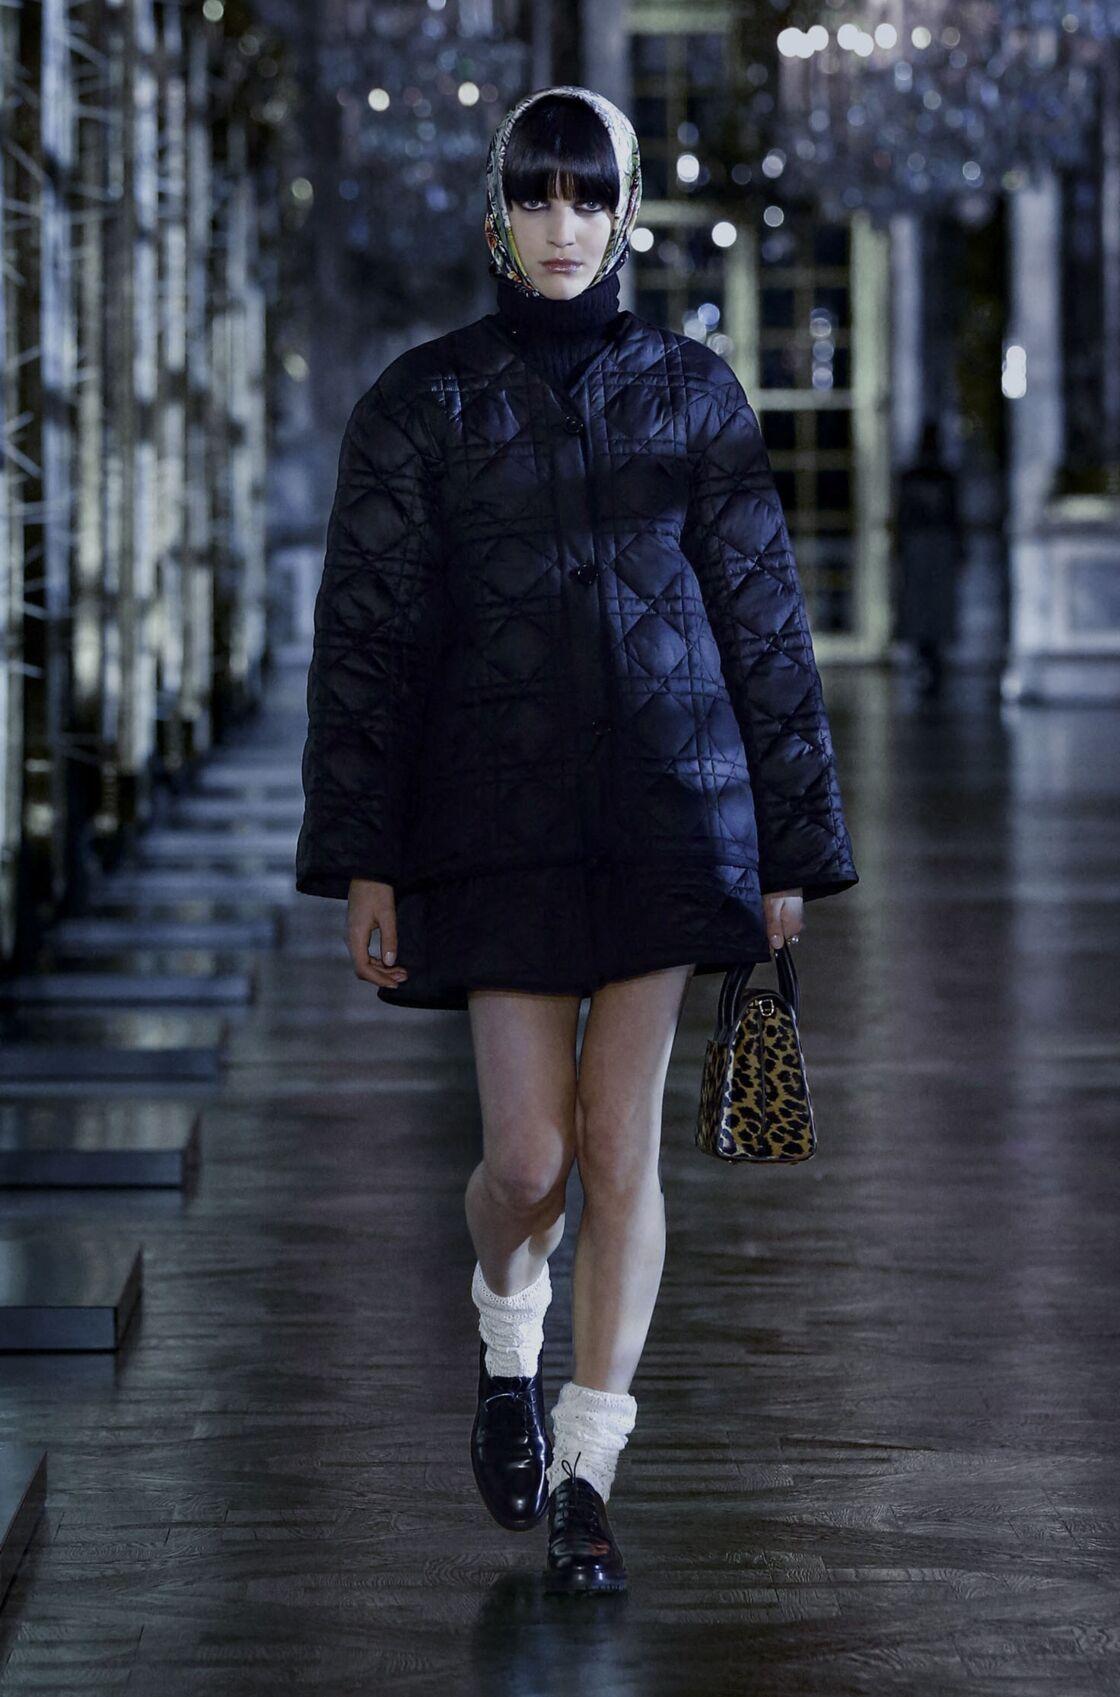 Le manteau matelassé chez Christian Dior cet Automne Hiver 2021-2022